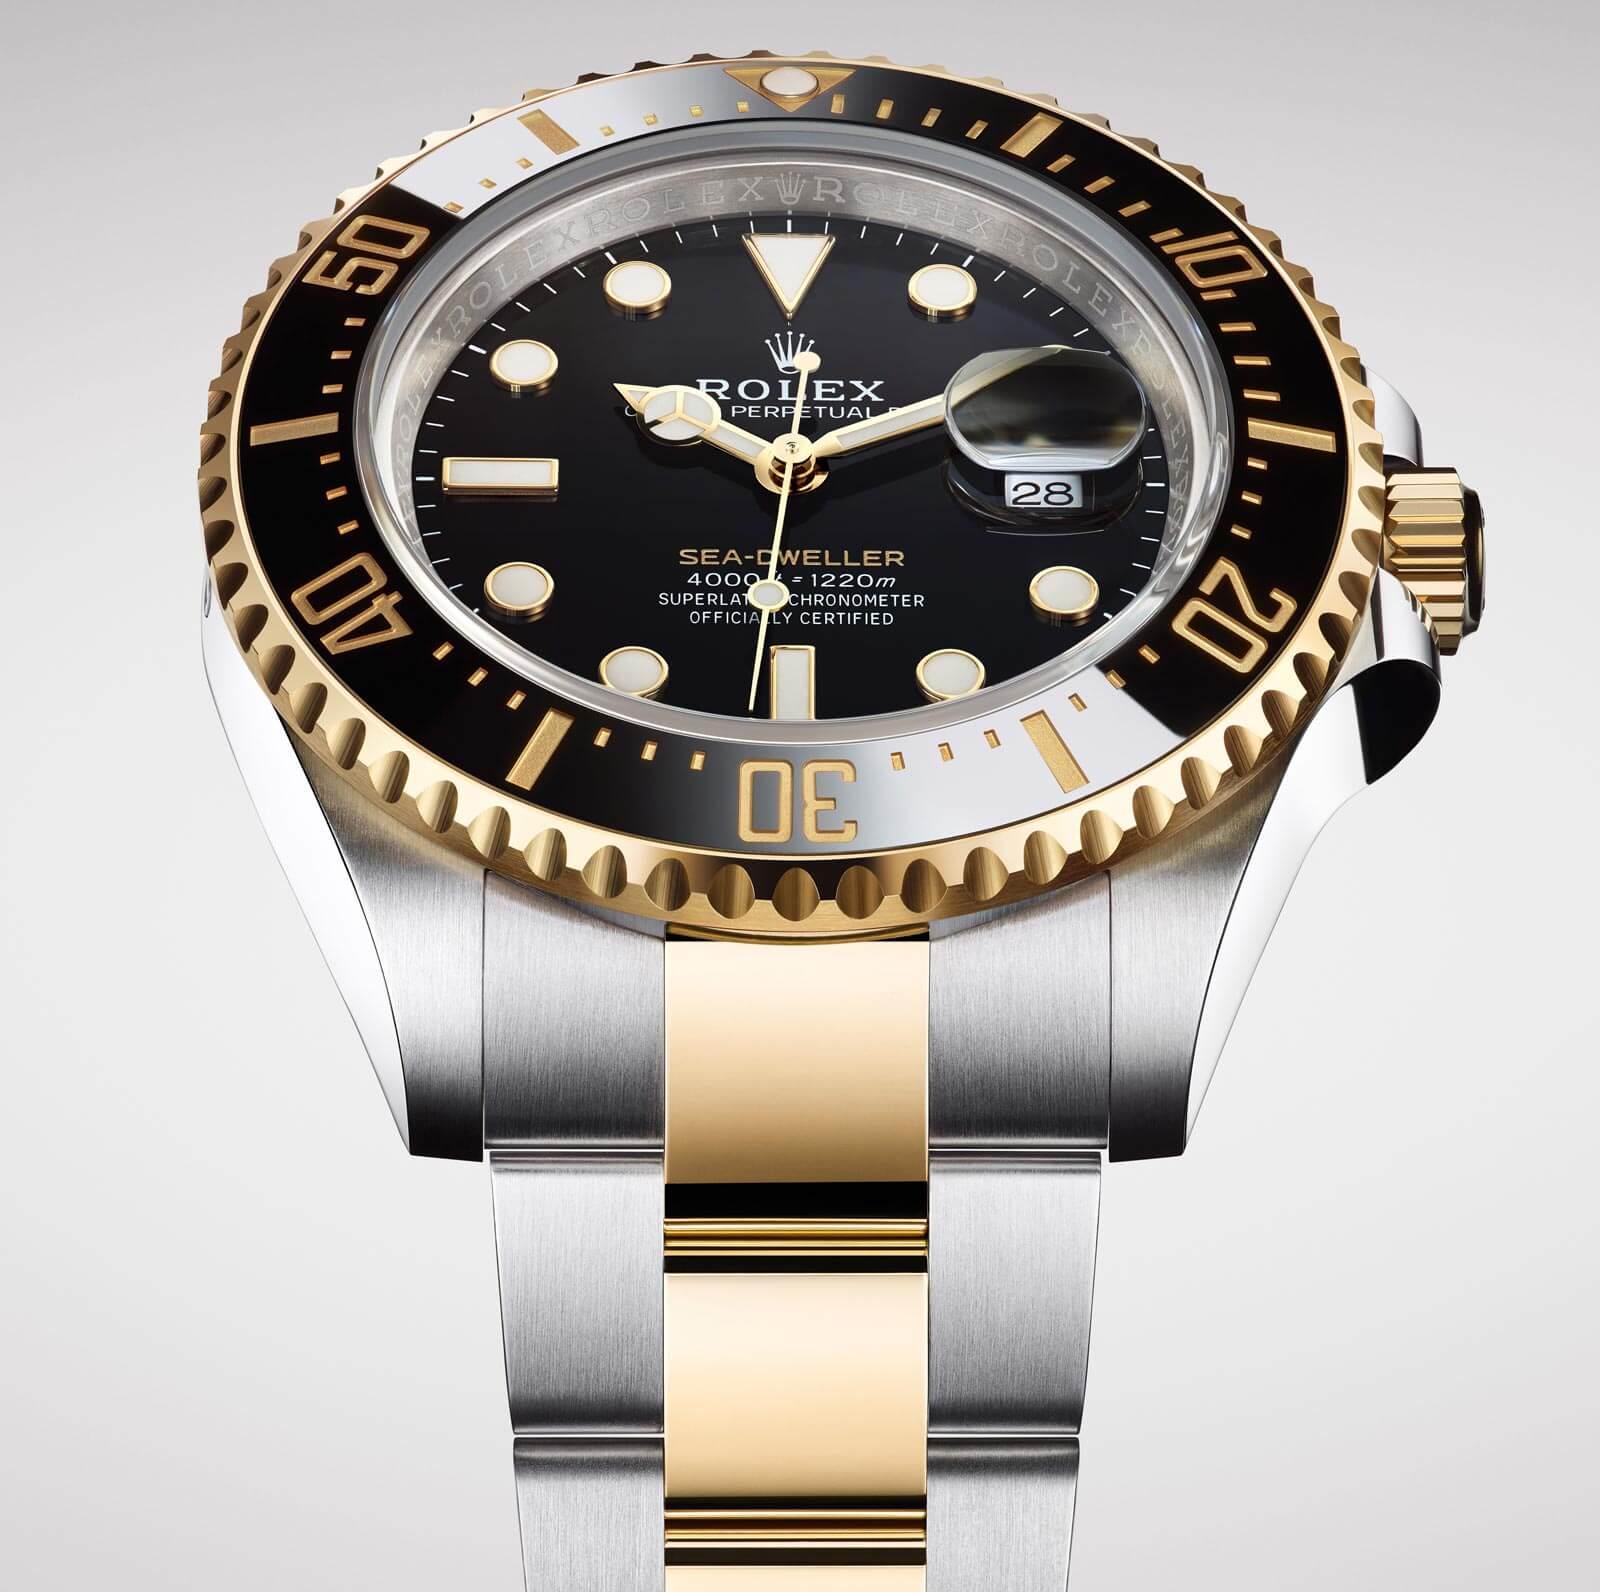 Rolex Sea-Dweller - Ref. 126603